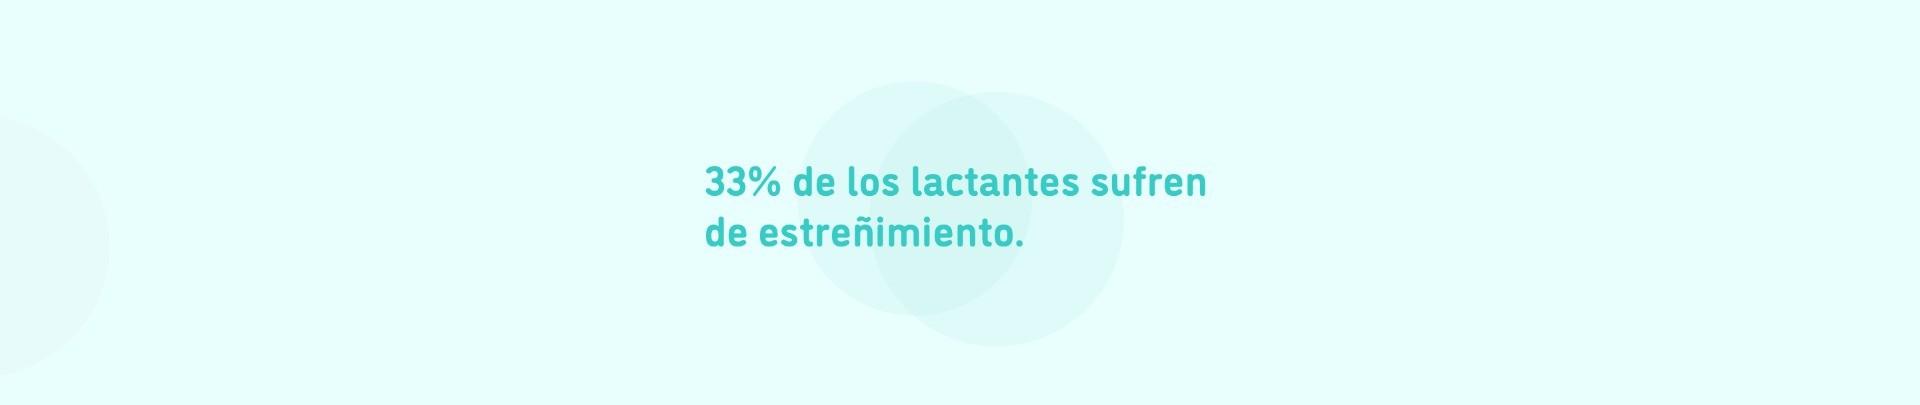 33% de los lactantes sufren estreñimiento